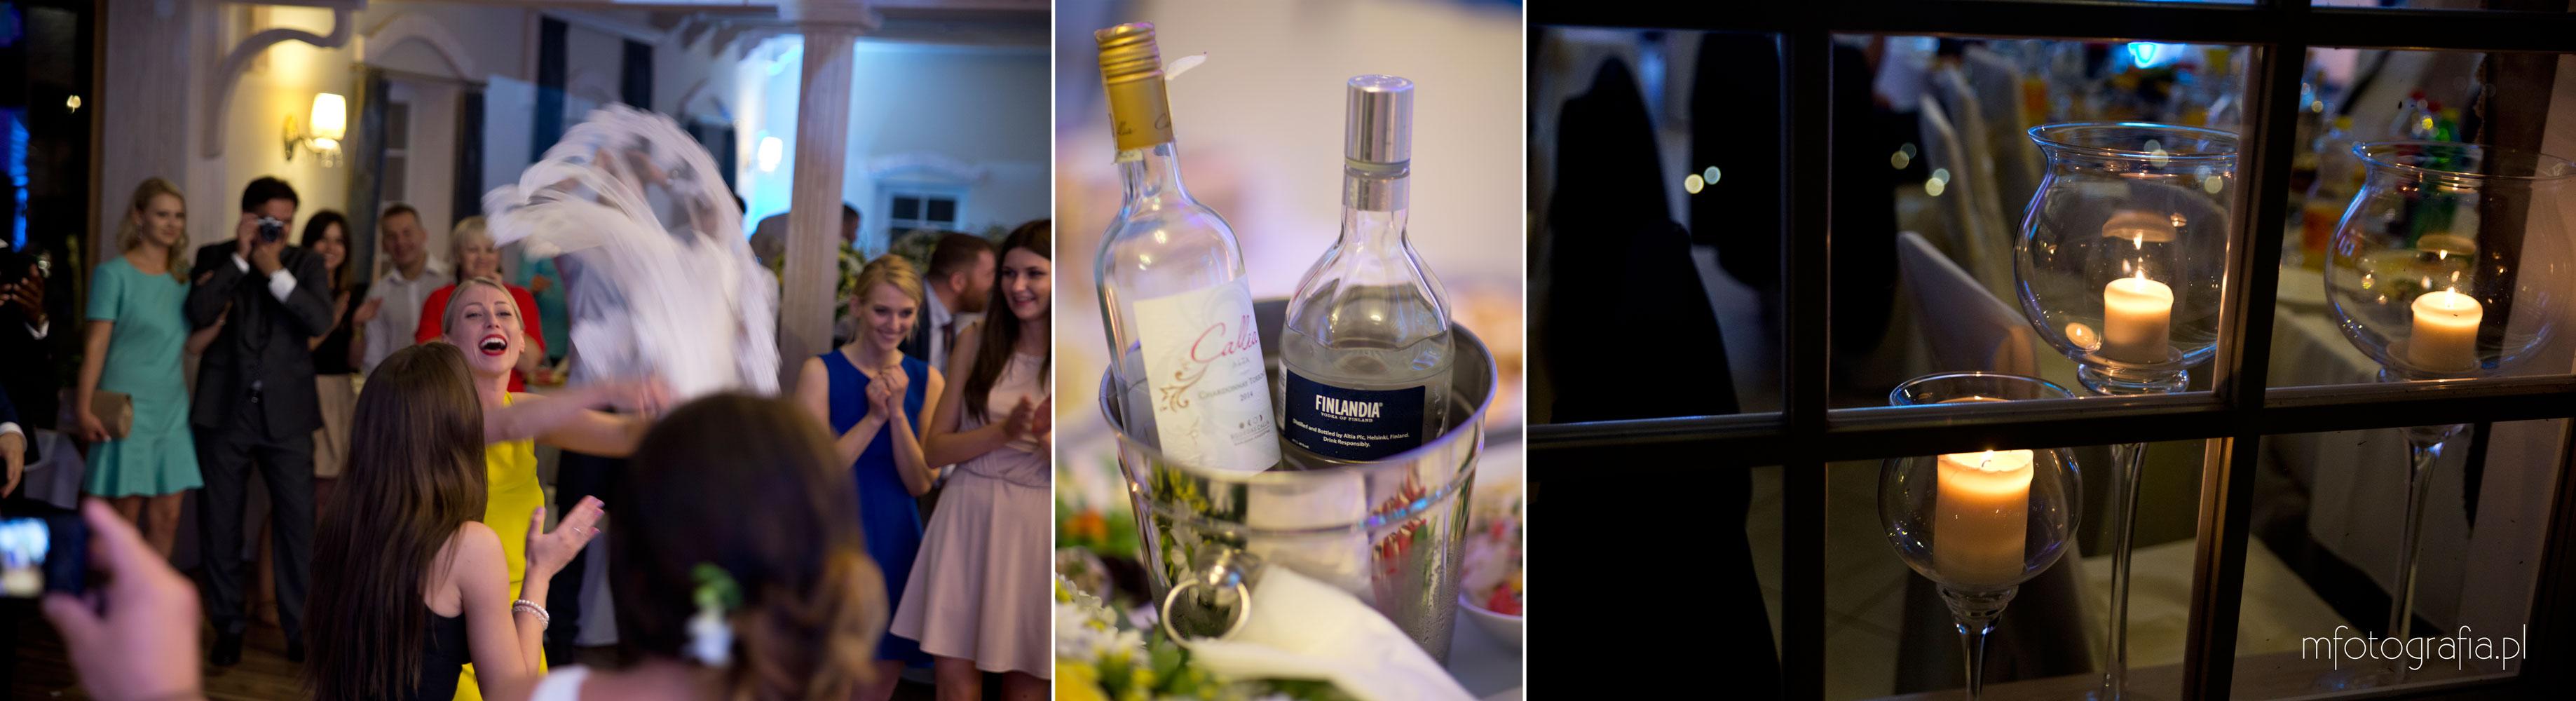 porady weselne, winietki, coolery do wódki